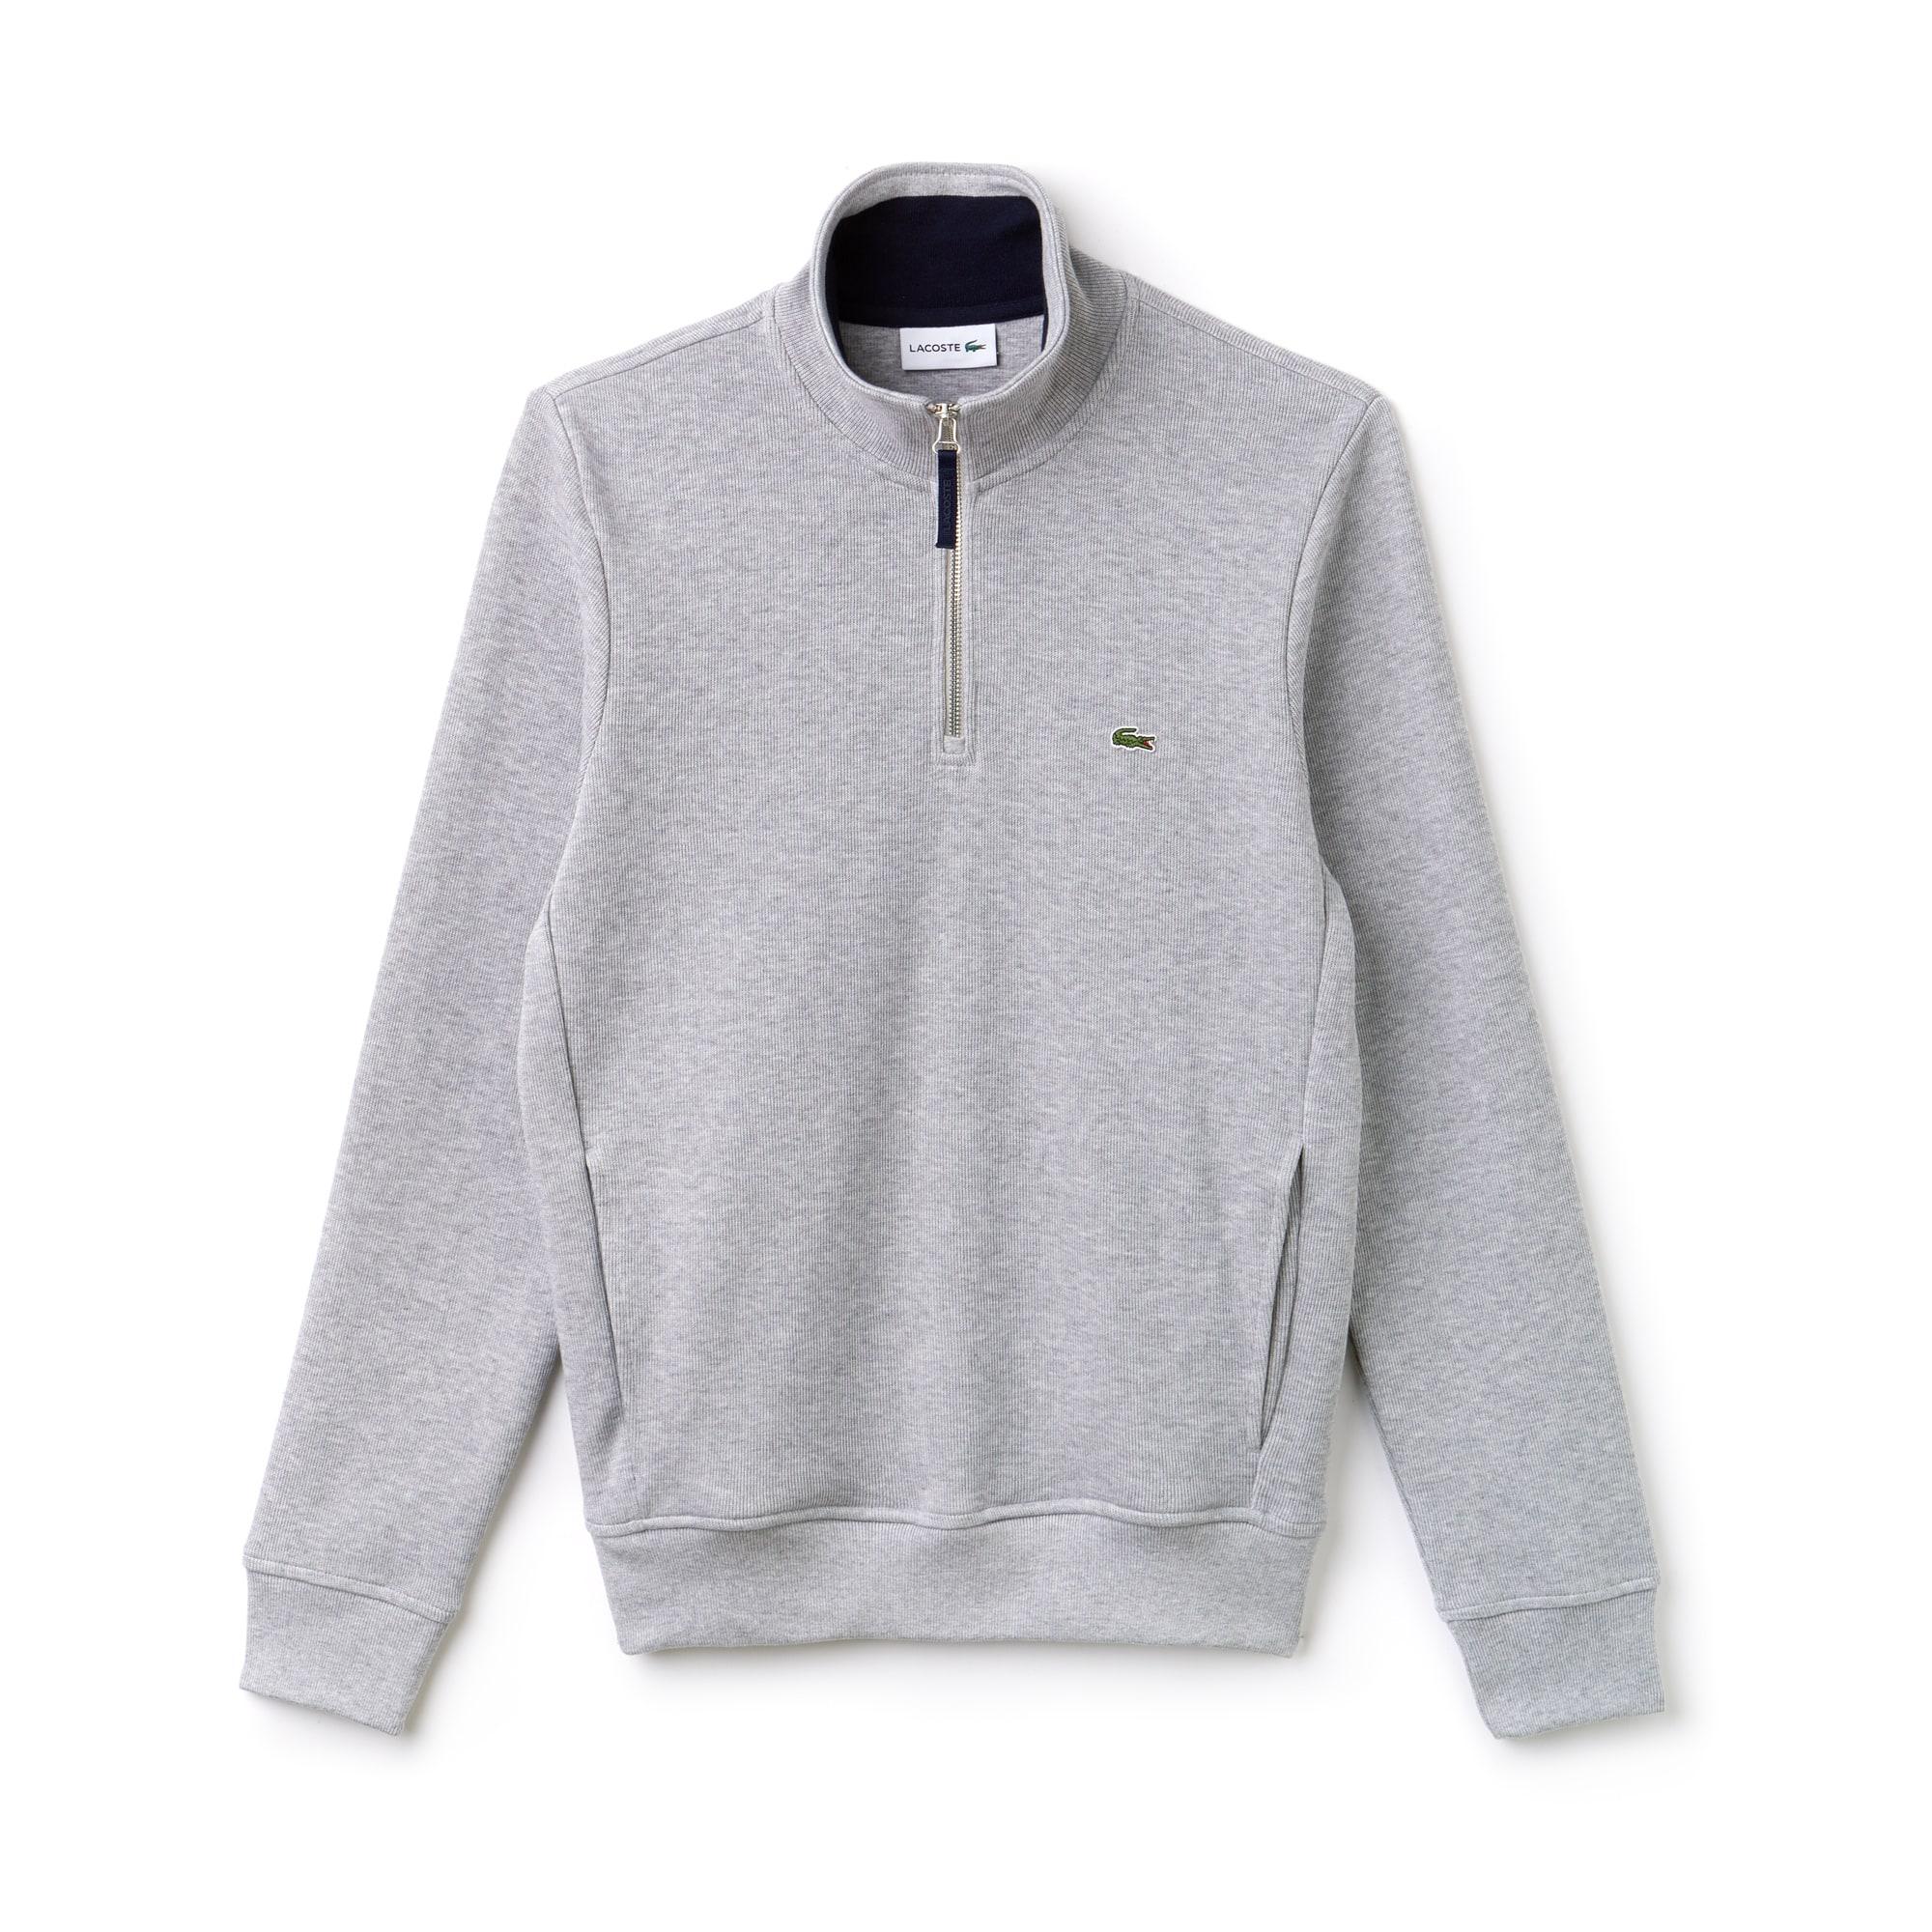 Herren-Sweatshirt mit Reißverschluss-Stehkragen und Rippmuster